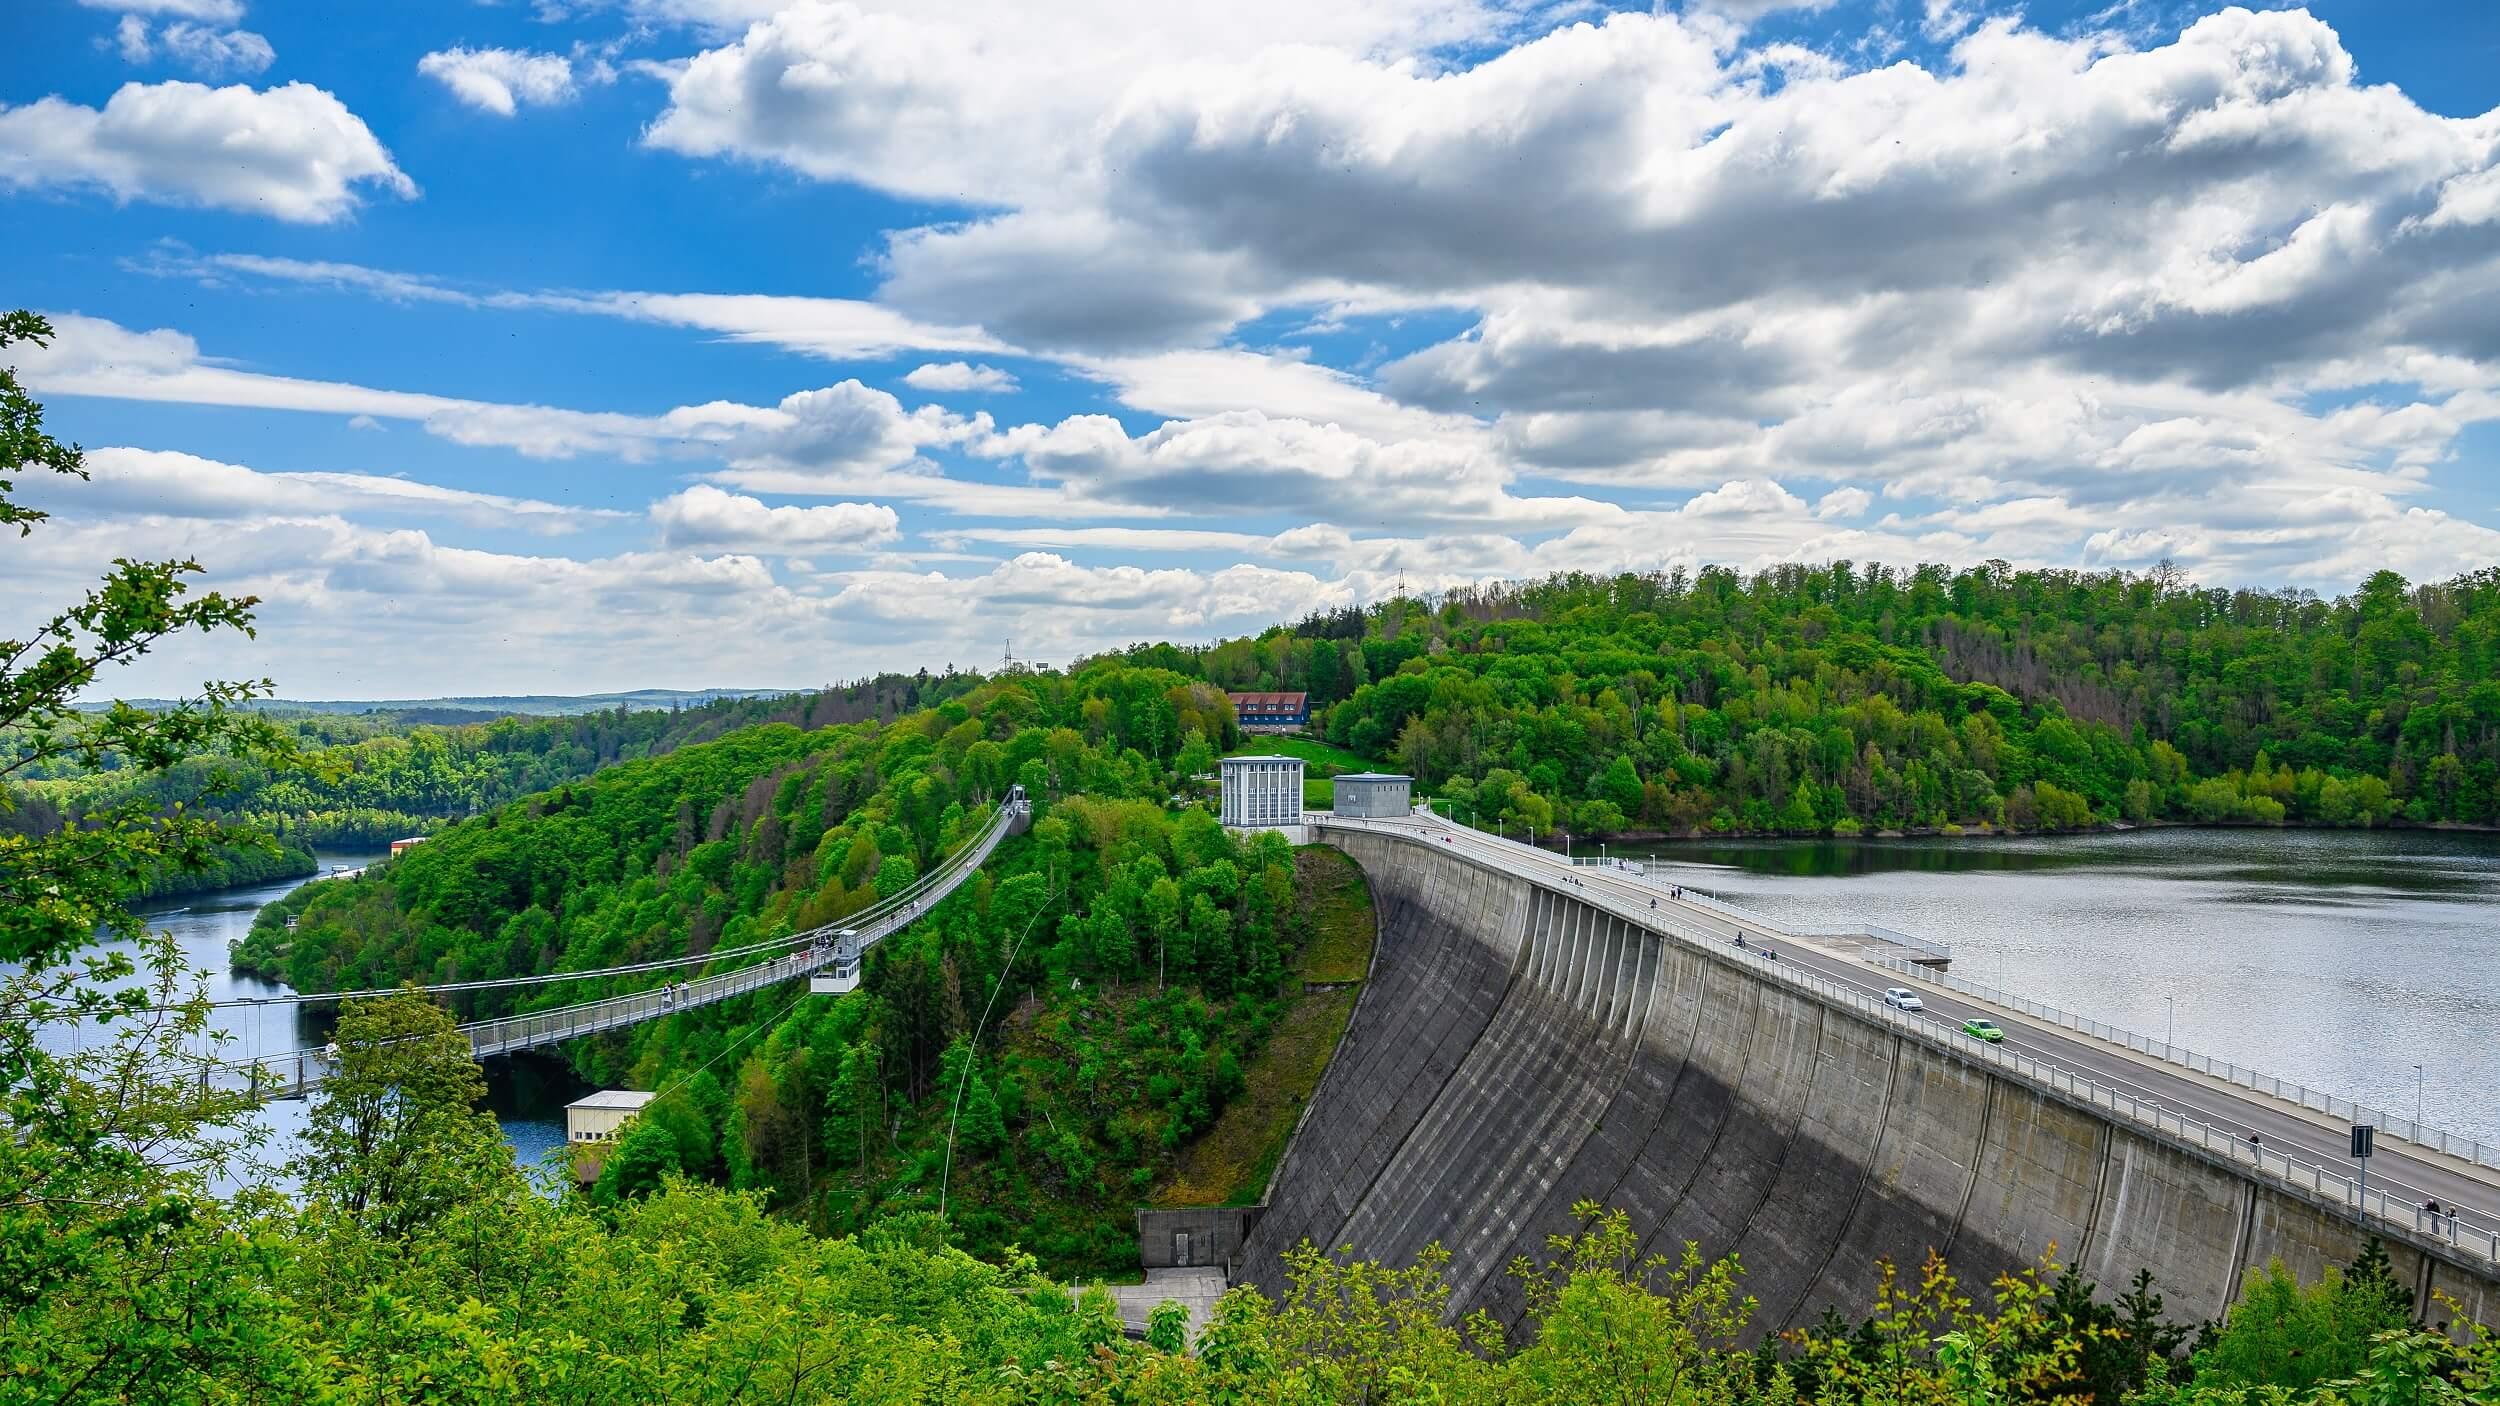 Hängebrücke Titan RT an der Rappbodetalsperre im Harz